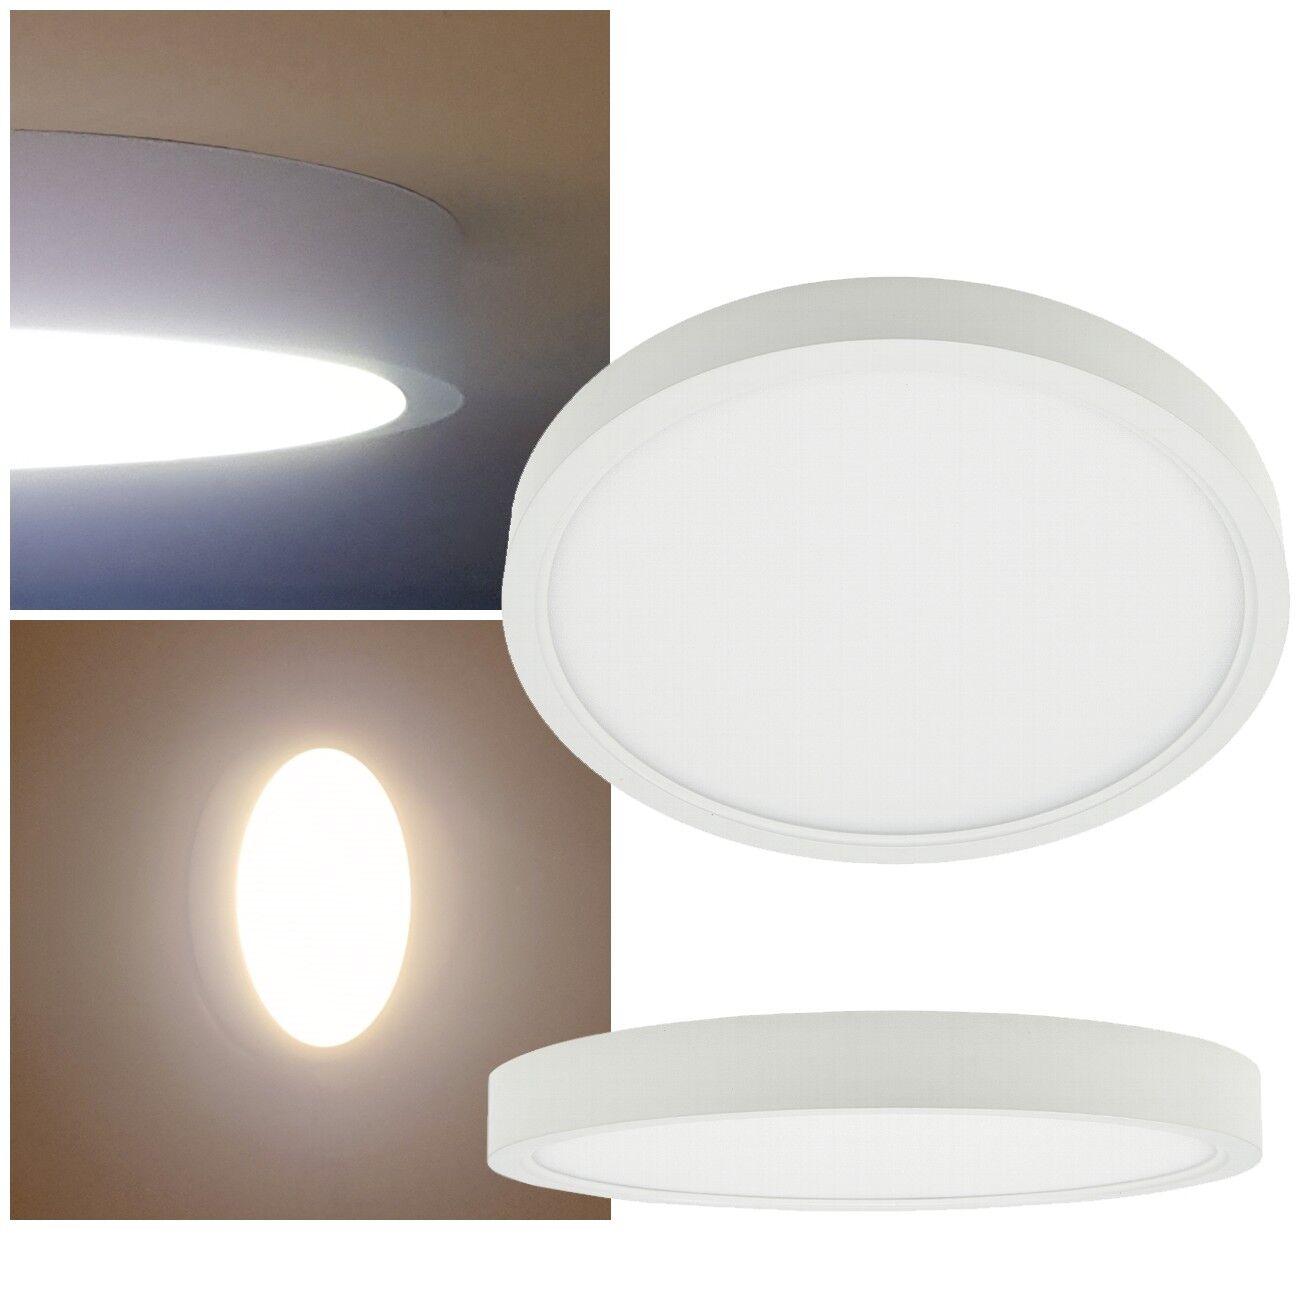 slim LED Deckenleuchte flach 230V IP20 EEK: A+ Wand-Leuchte Decken-Lampe